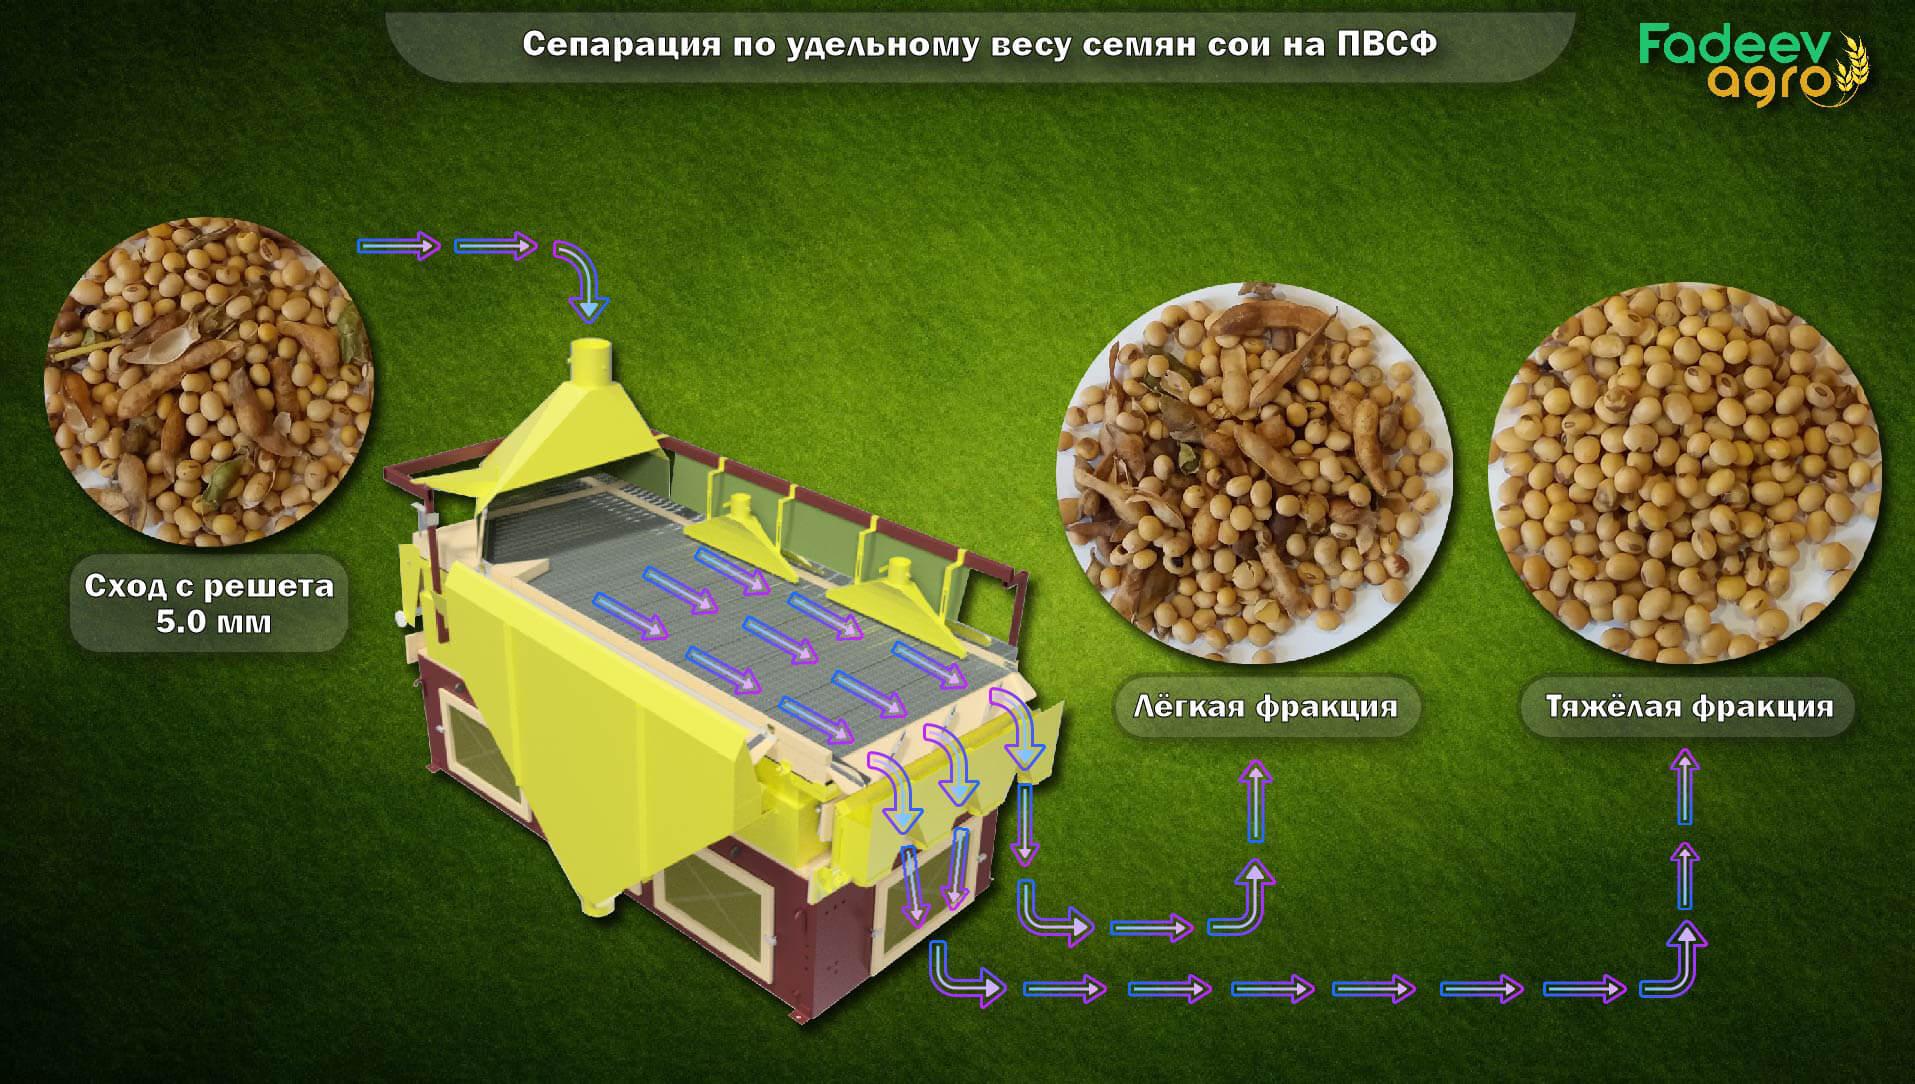 Сепарация по удельному весу семян сои на Певмовибростоле ПВСФ - 3